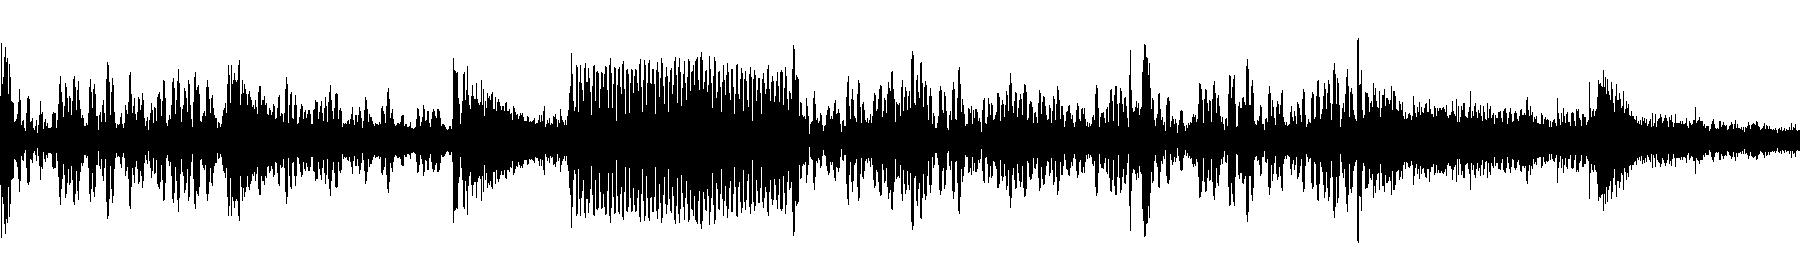 blbc jazzydrum analogmush 110 03